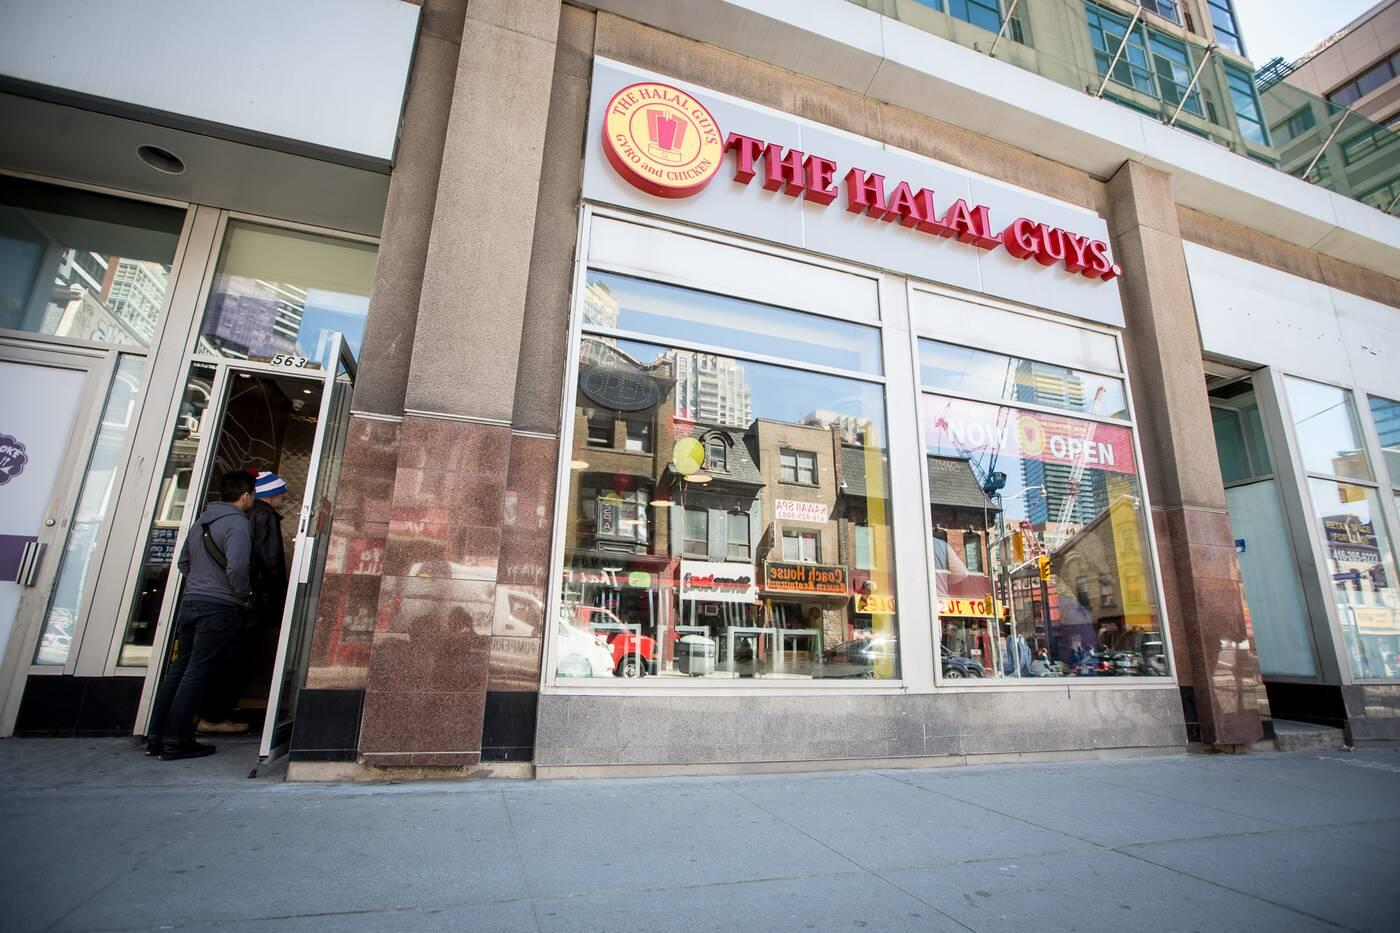 Halal Guys Toronto